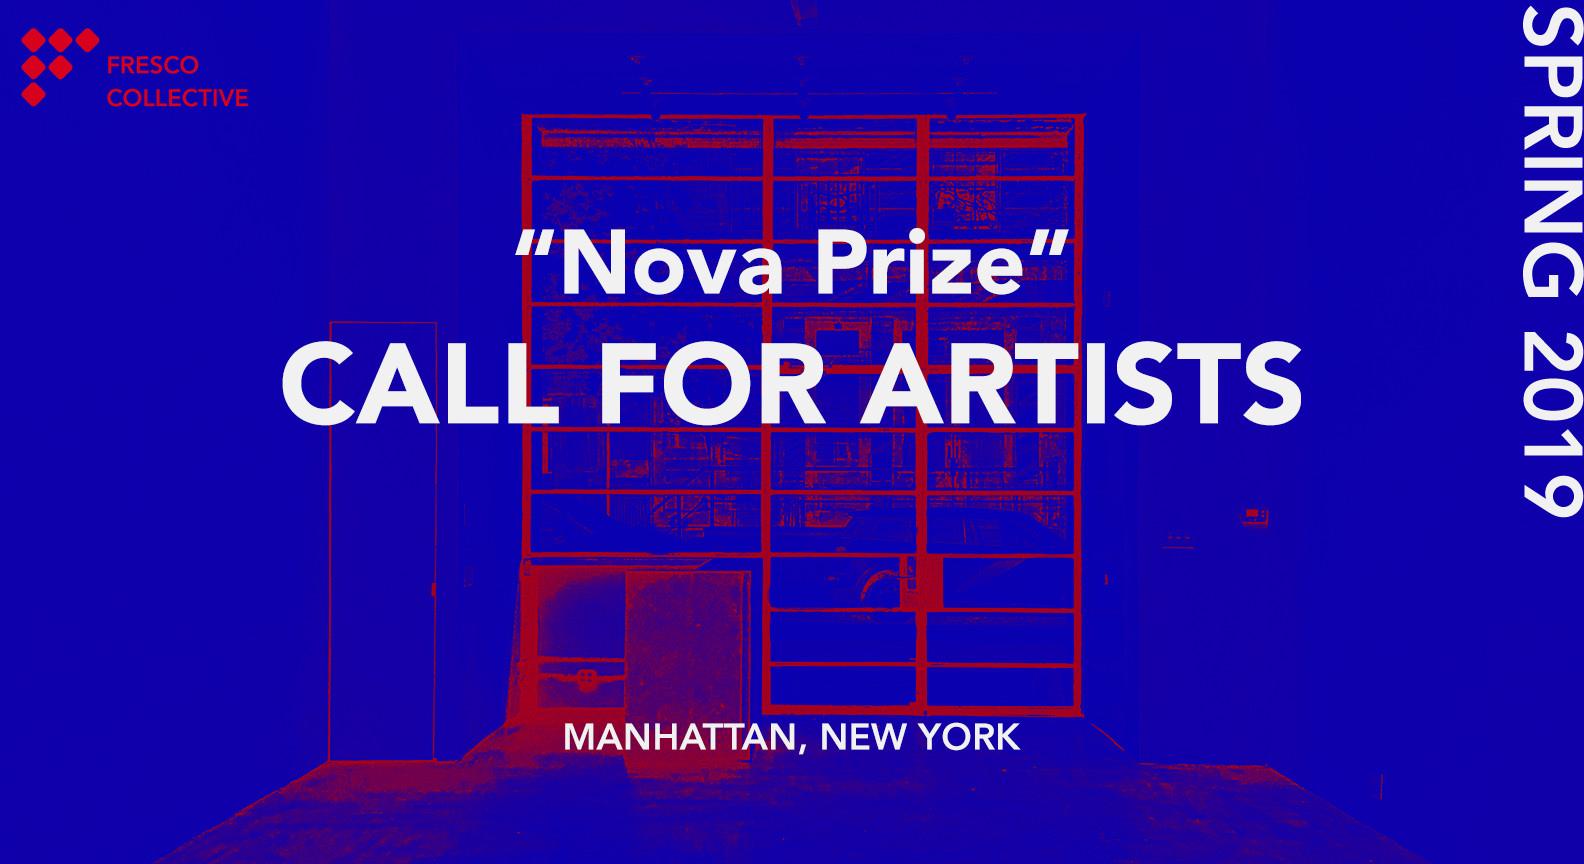 CALL FOR ARTISTS_ Nova Prize-blue.jpg